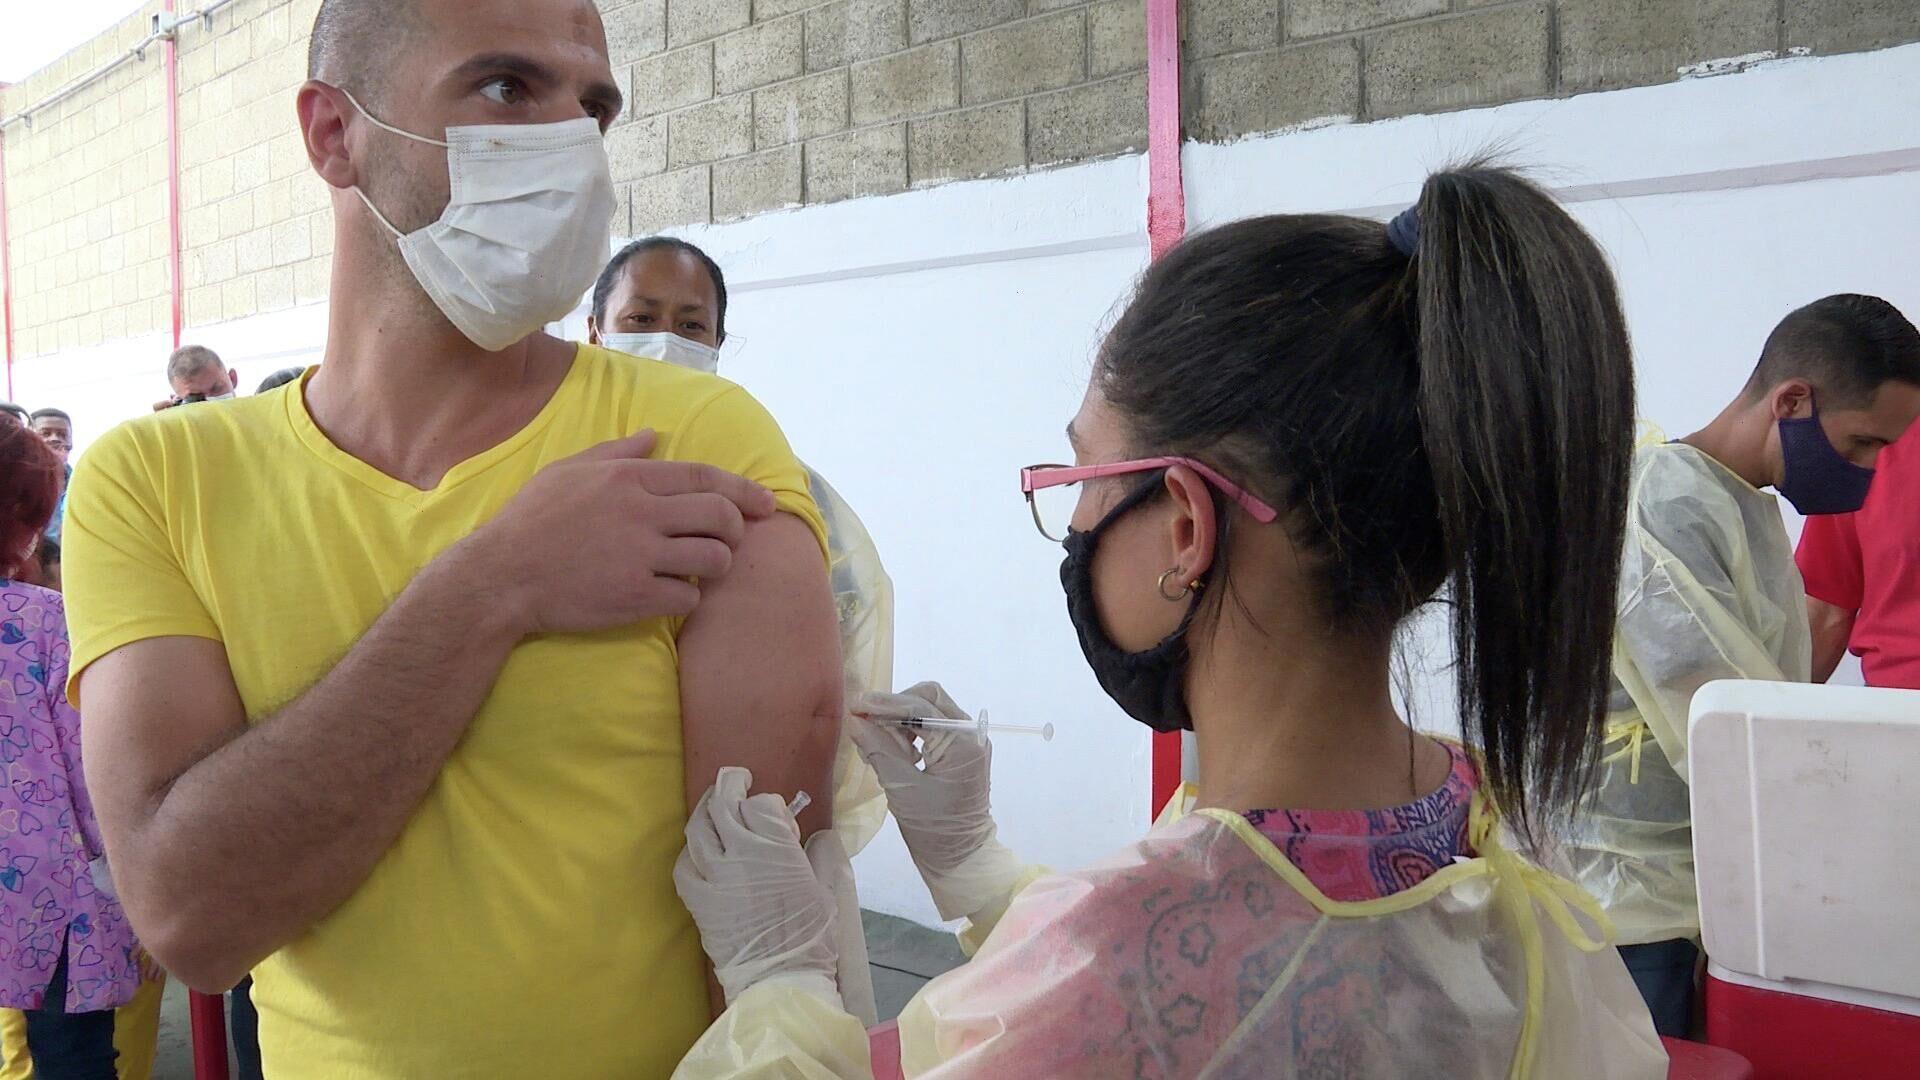 Vacunación en centro penitenciario de Caracas - Sputnik Mundo, 1920, 02.07.2021